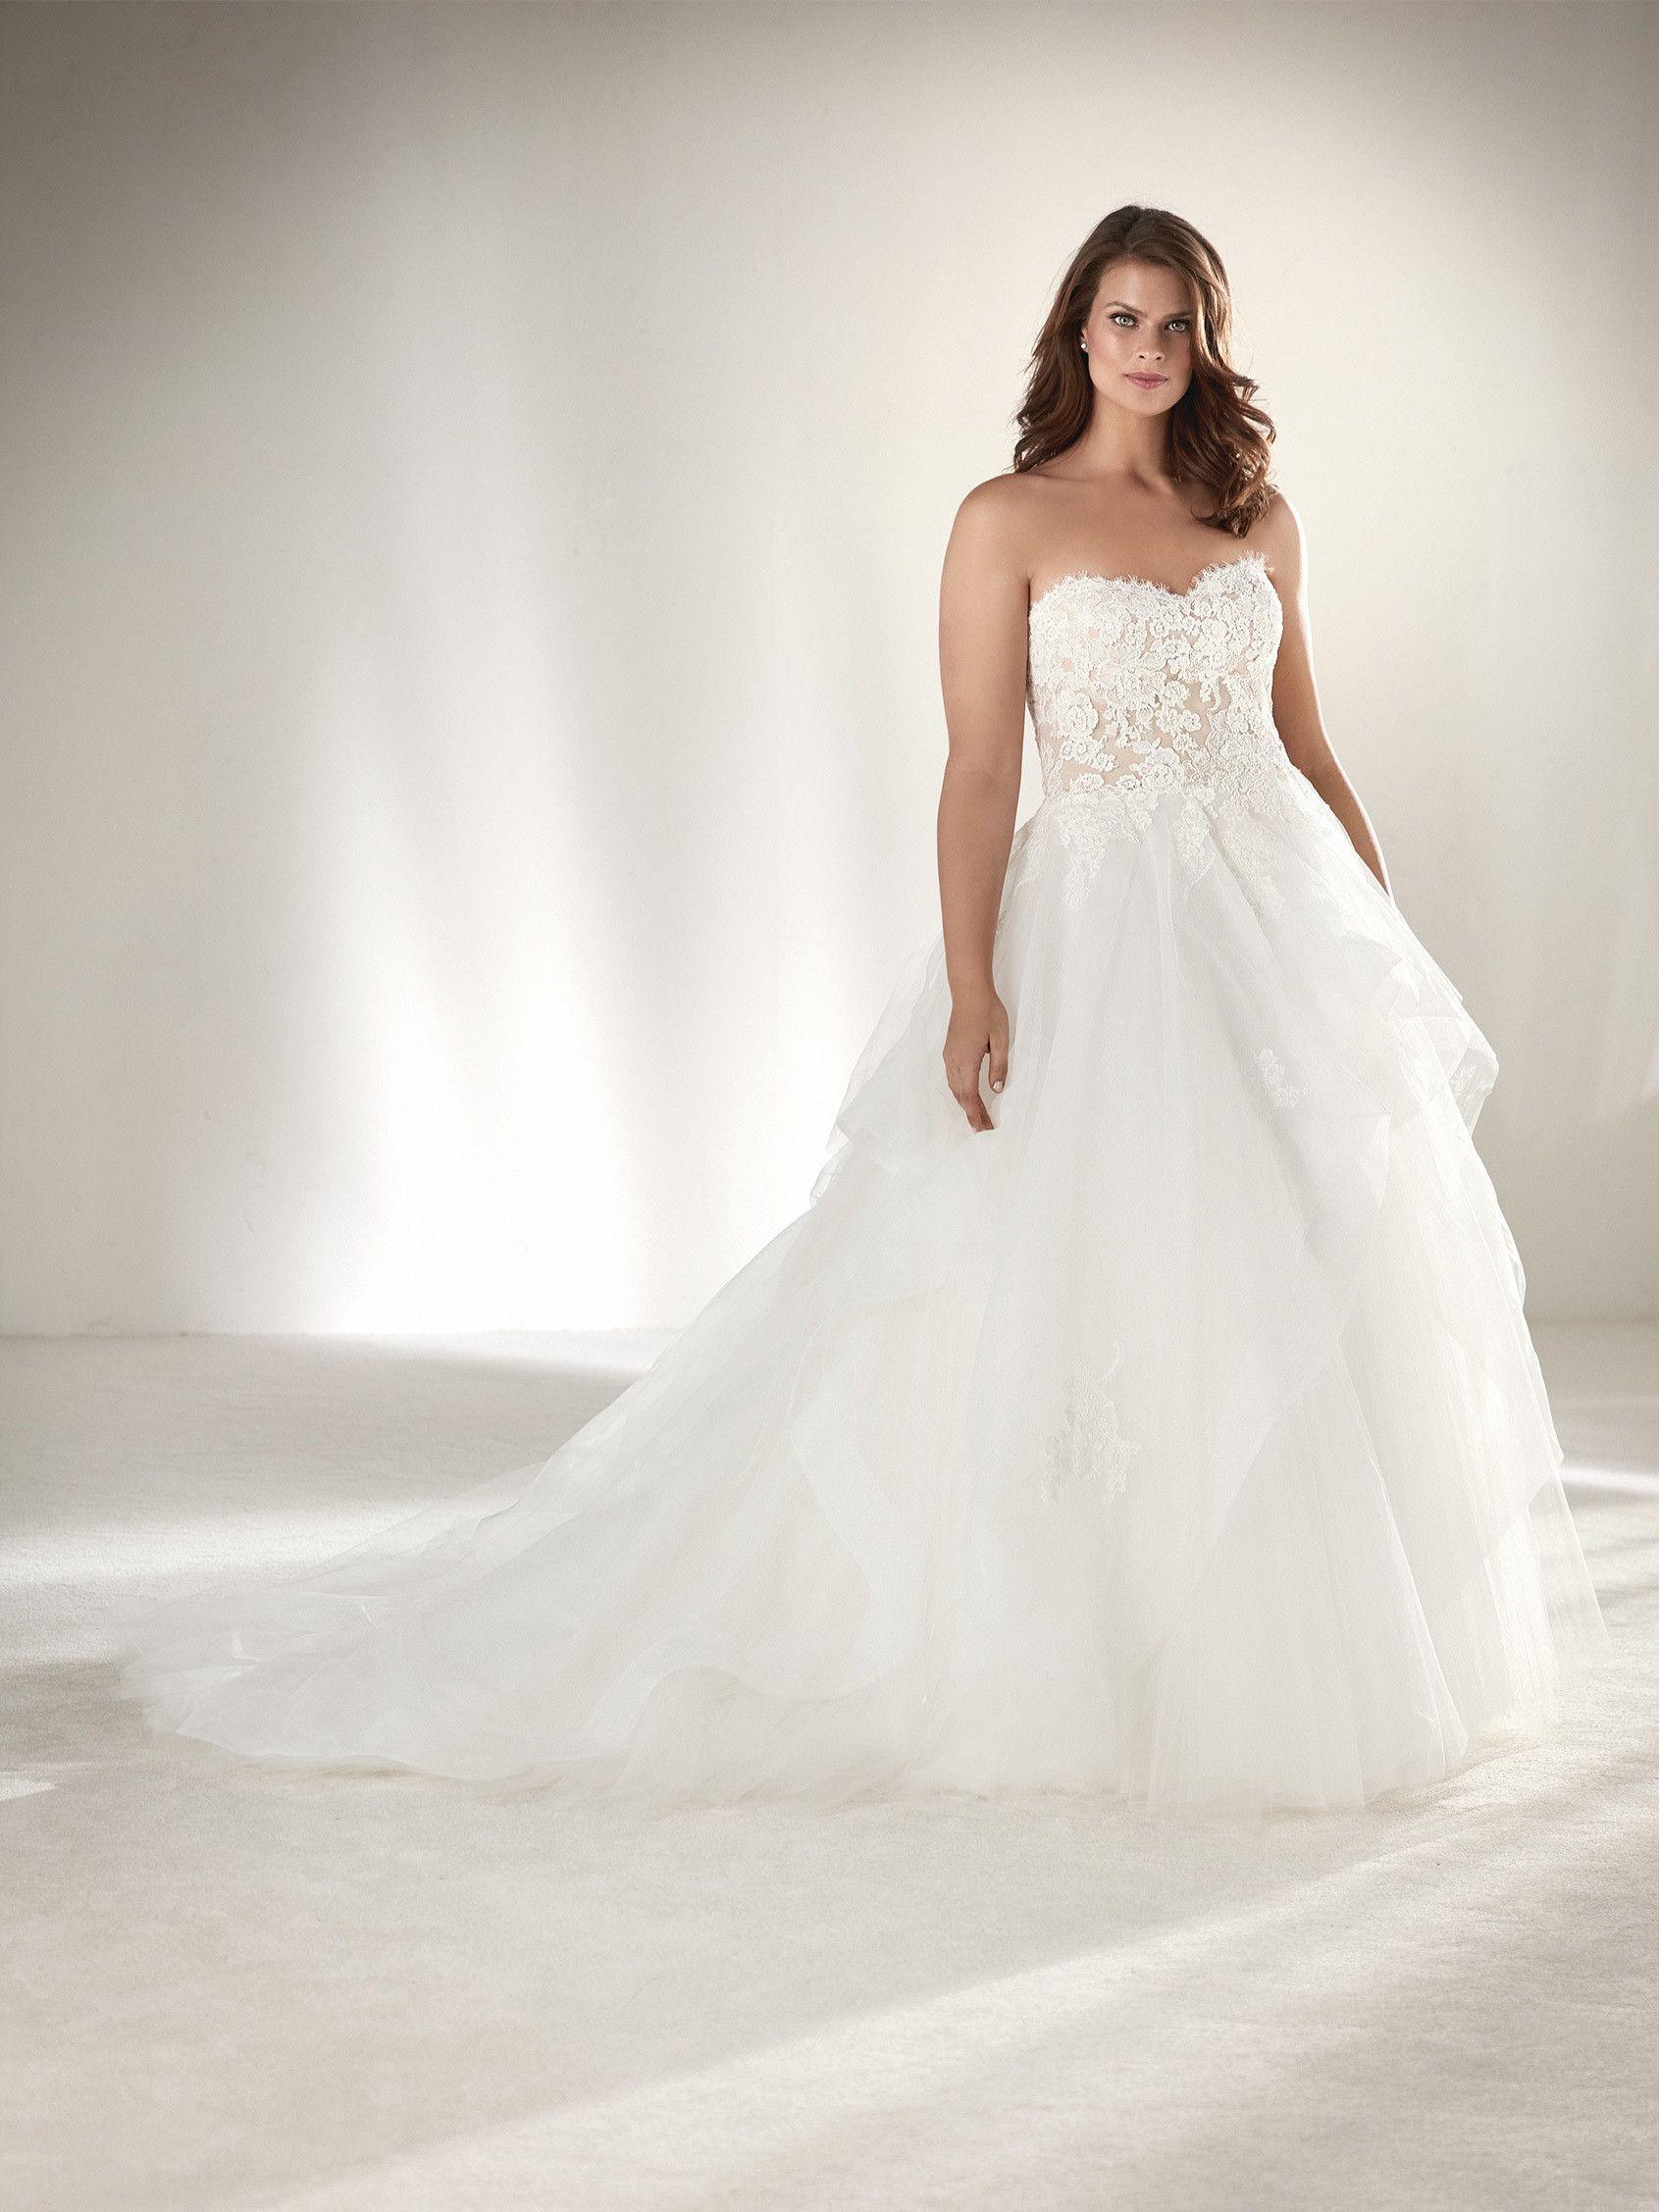 Designer-Brautkleider für Mollige 16: Die schönste Plus-Size-Kleider